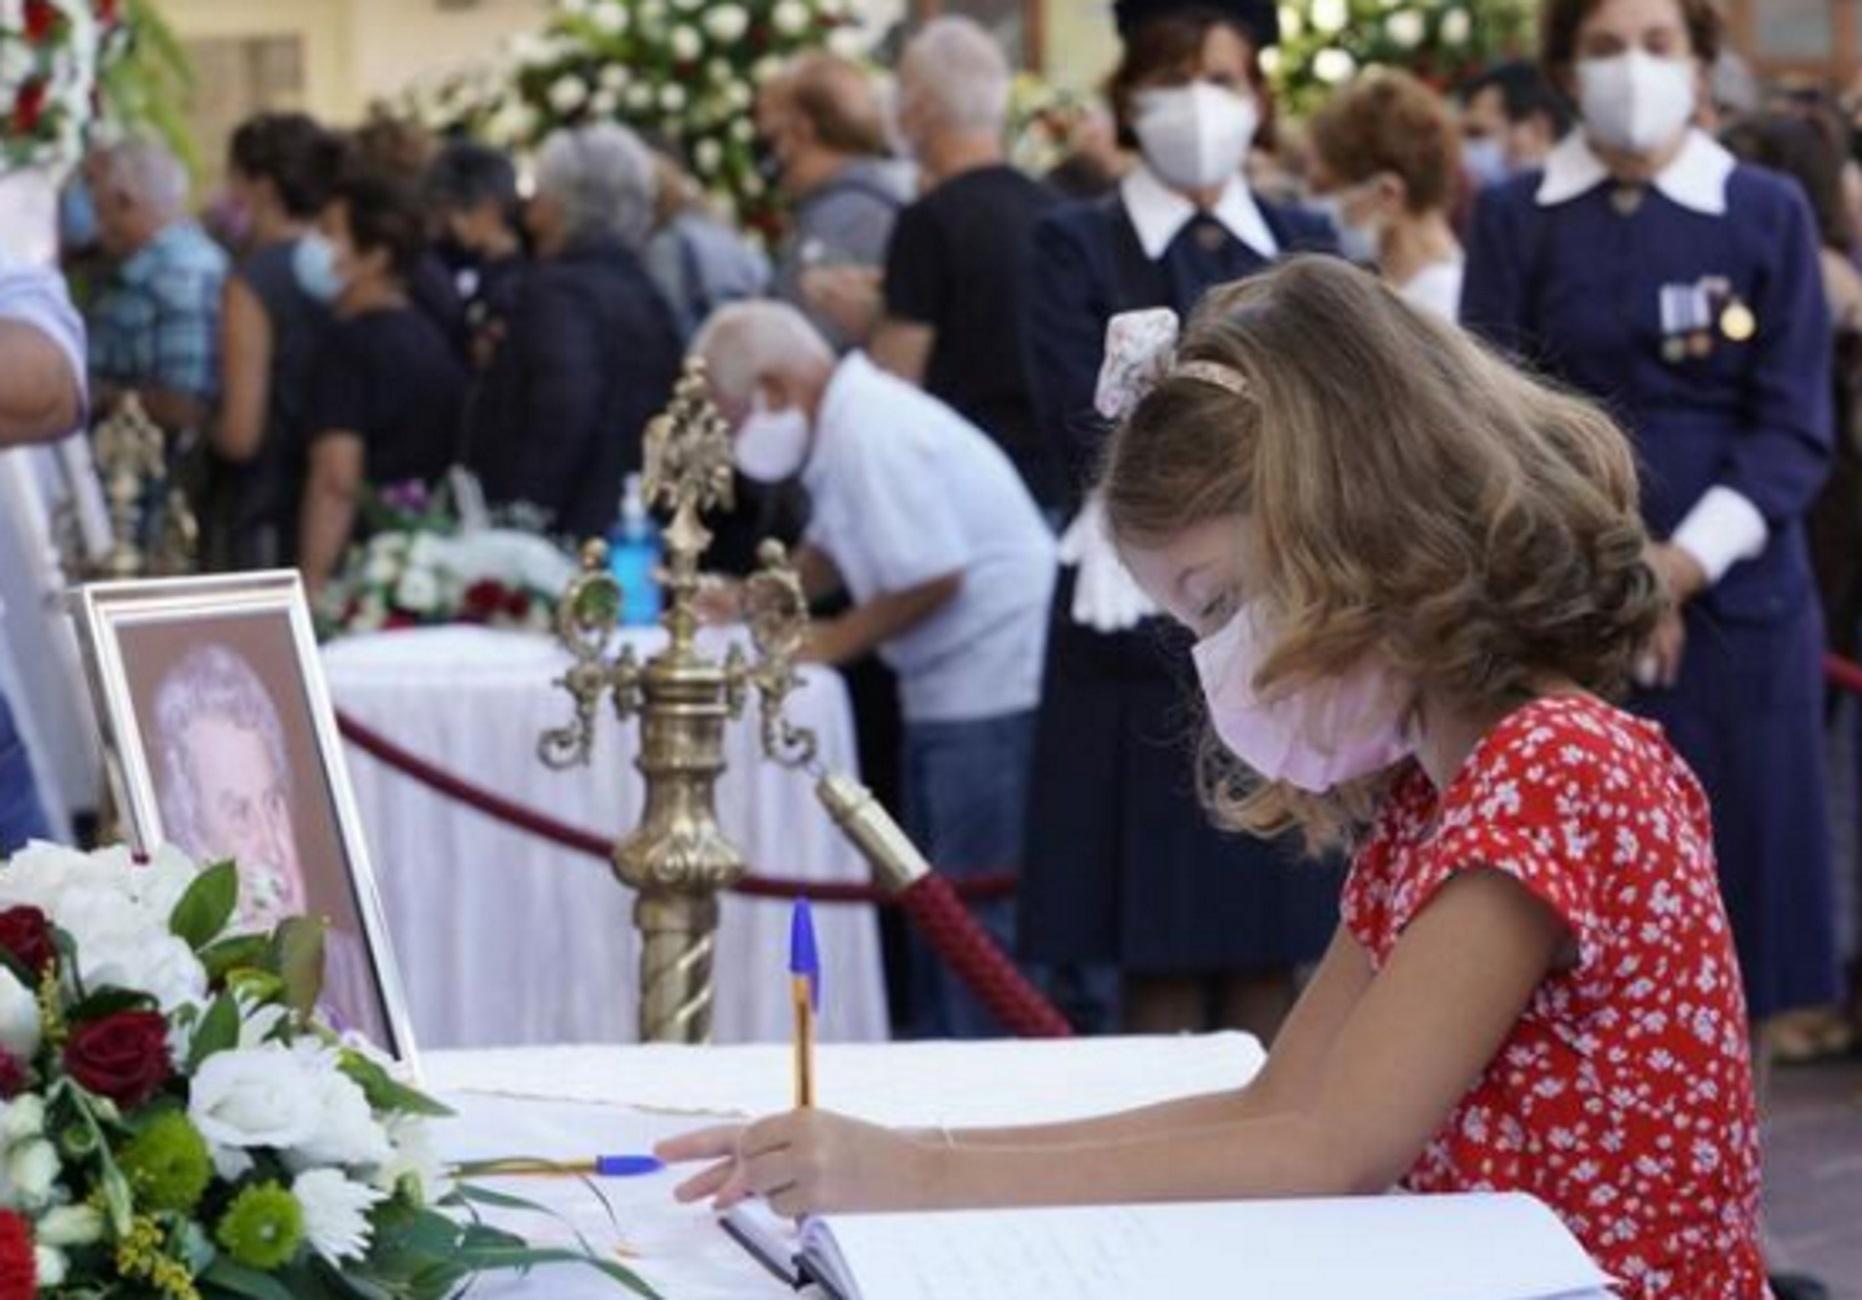 Κηδεία Μίκη Θεοδωράκη: Το μικρό κορίτσι που συγκίνησε τους πάντες με τις λέξεις στο βιβλίο συλλυπητηρίων